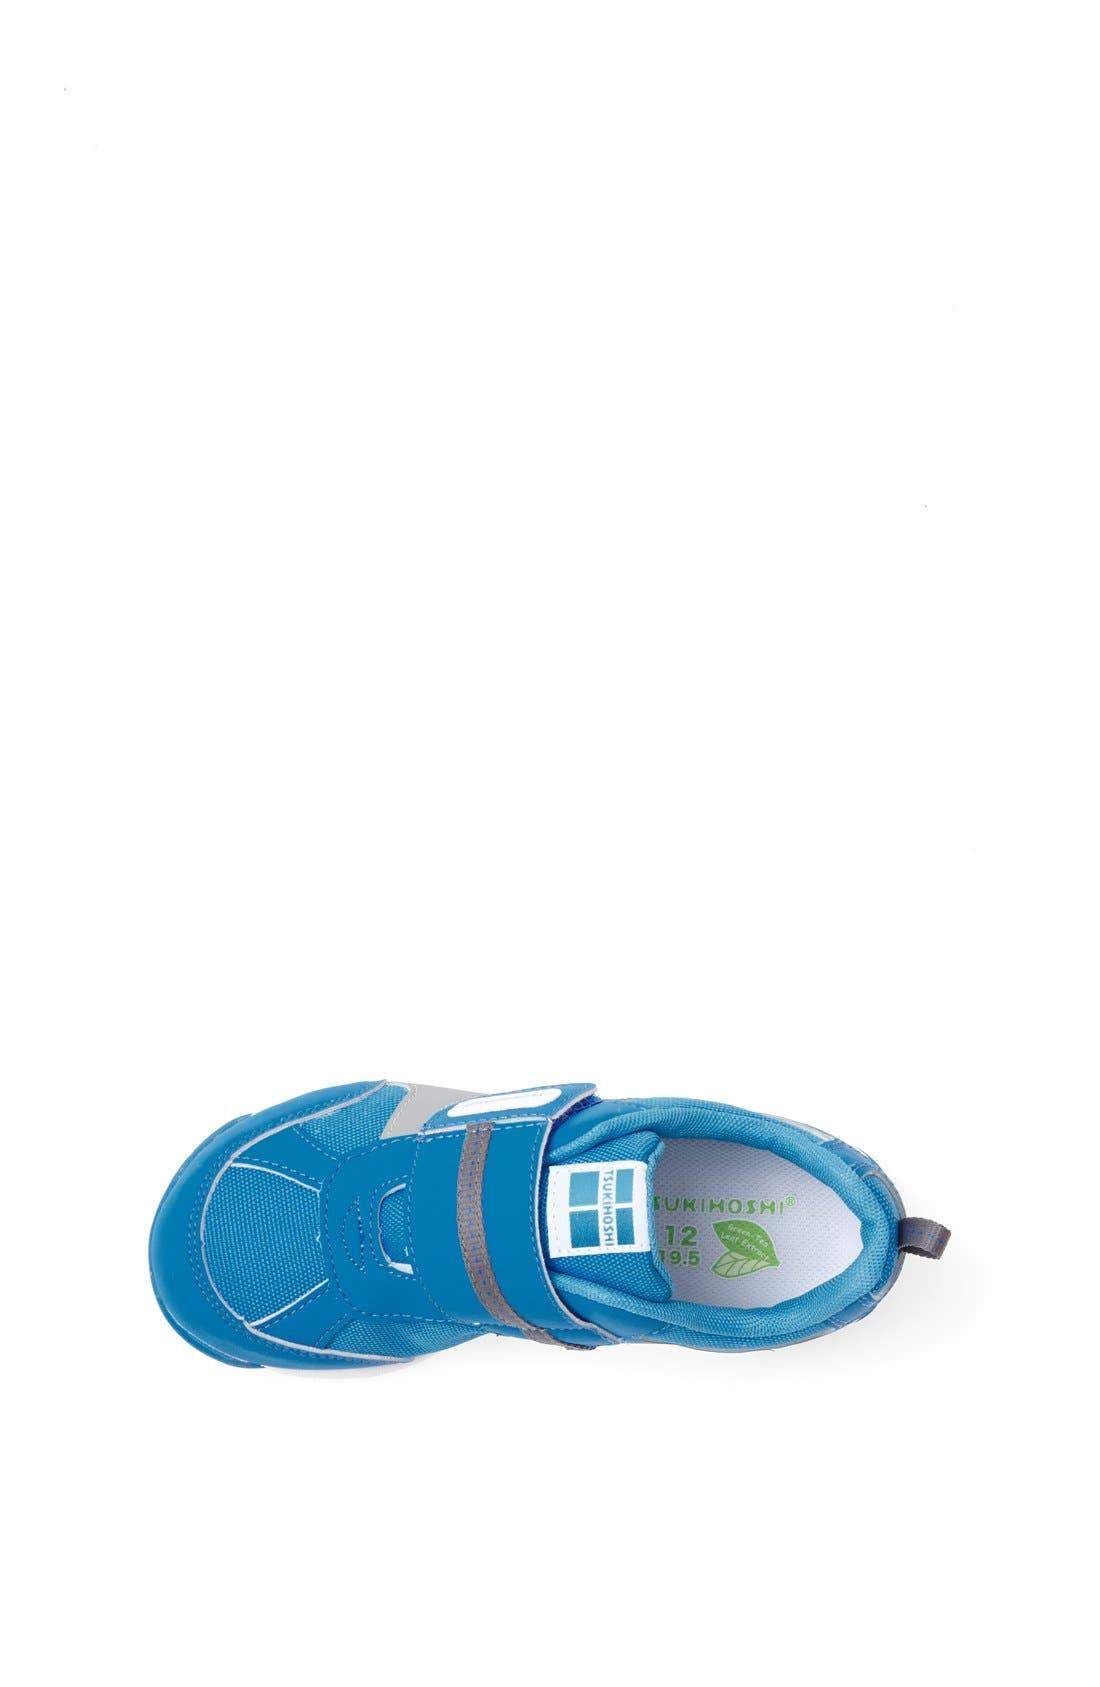 Alternate Image 3  - Tsukihoshi 'Flare' Sneaker (Toddler)